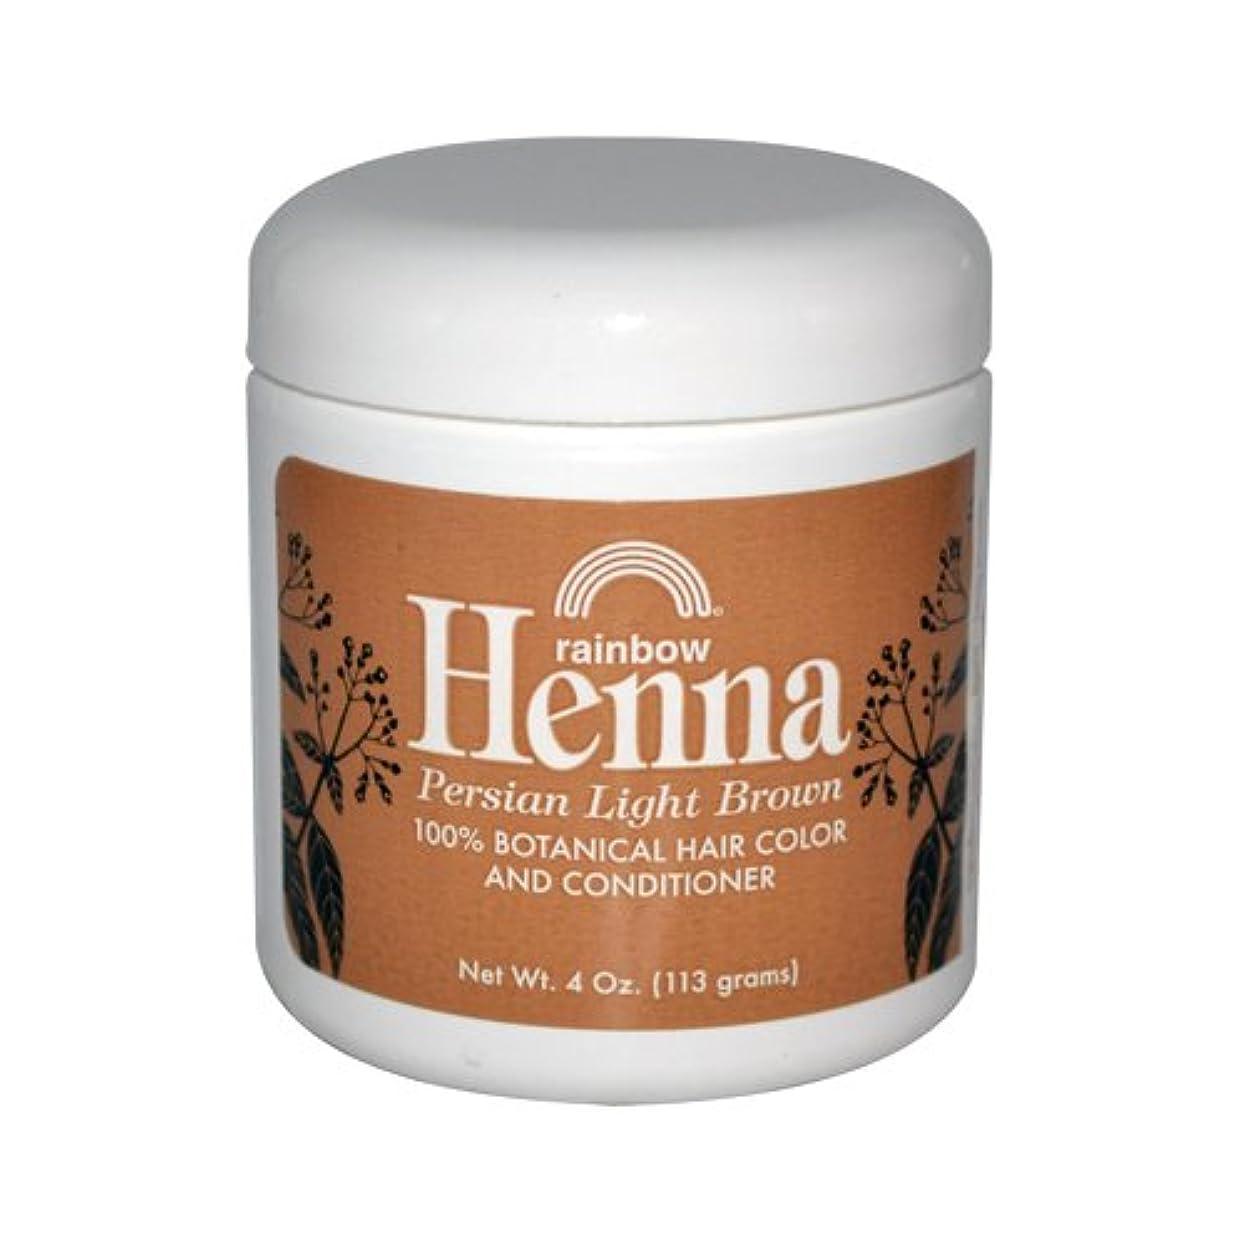 ドレス取り壊す夜の動物園Rainbow Research Henna Persian Light Brown Hair Color and Conditioner Organic 113 g (並行輸入品)